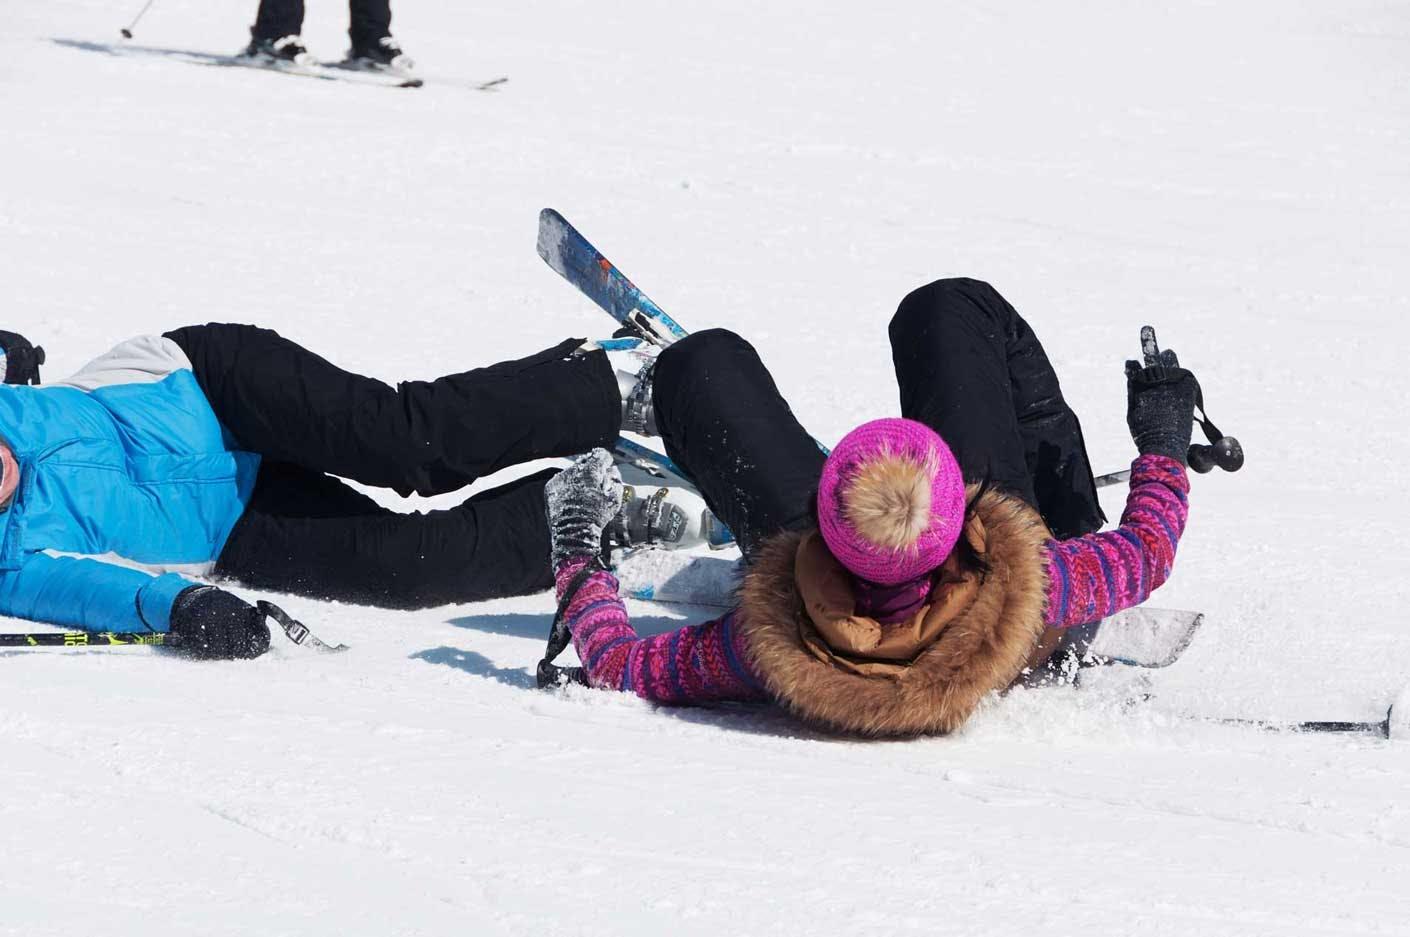 Wintersportversicherungen - welche Versicherungen helfen bei einem Skiunfall?